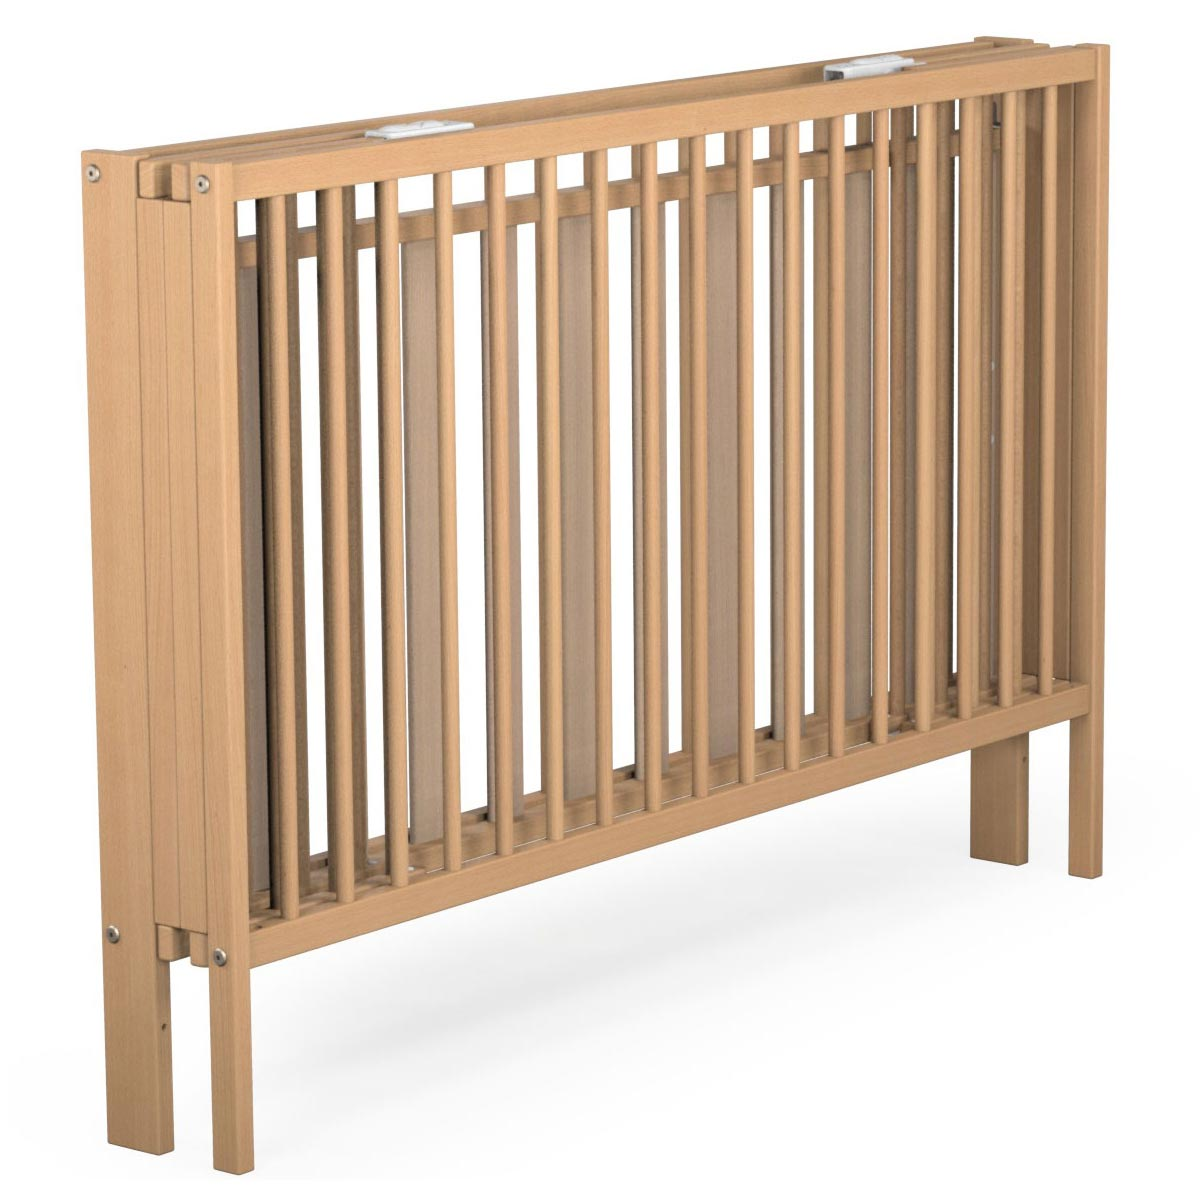 atelier t4 lit pliant en h tre vernis 124x64 cm ateliers t4 lits accessoires sur. Black Bedroom Furniture Sets. Home Design Ideas